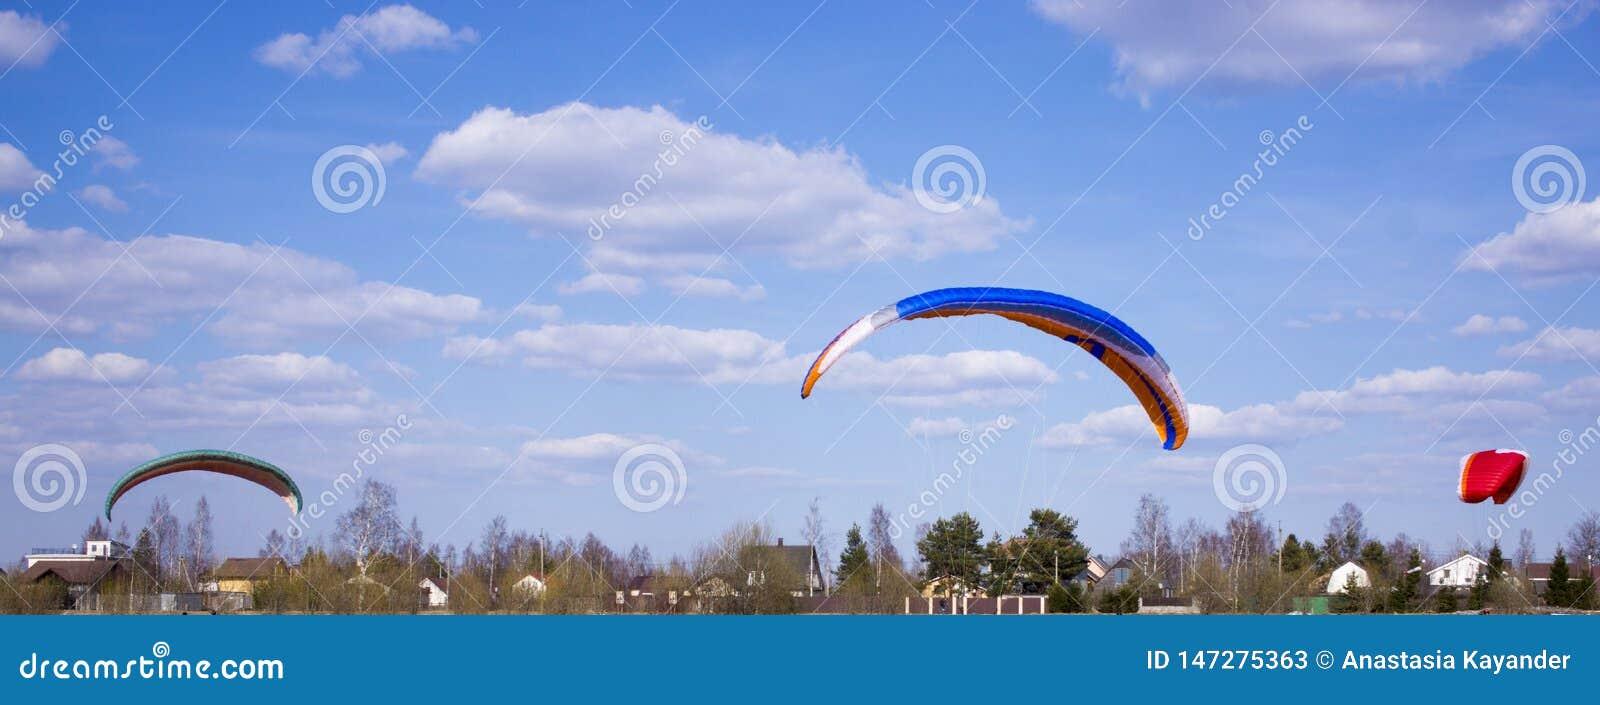 Gleitschirm fliegt gegen den Hintergrund von Feldern, Land Ansicht von oben paragliding